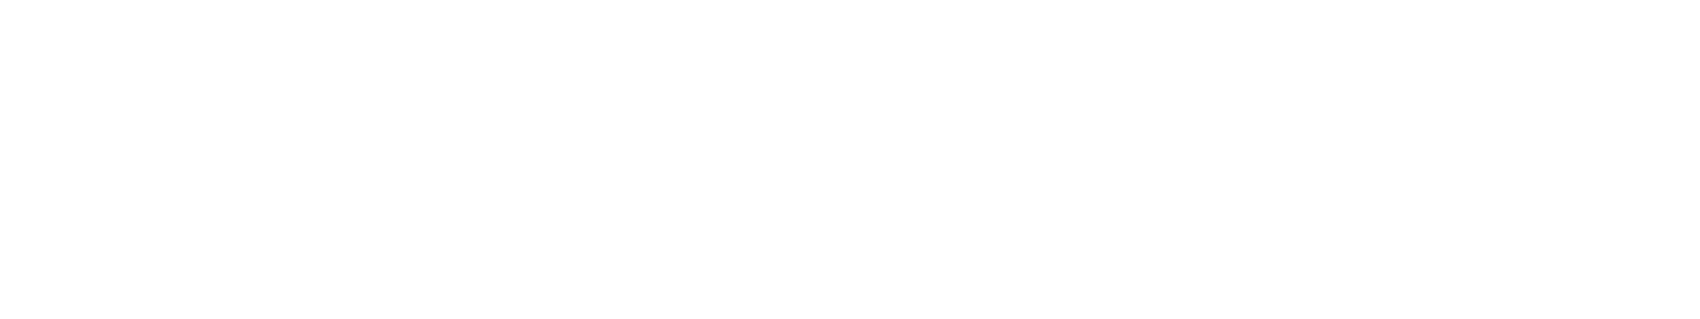 Smartmush